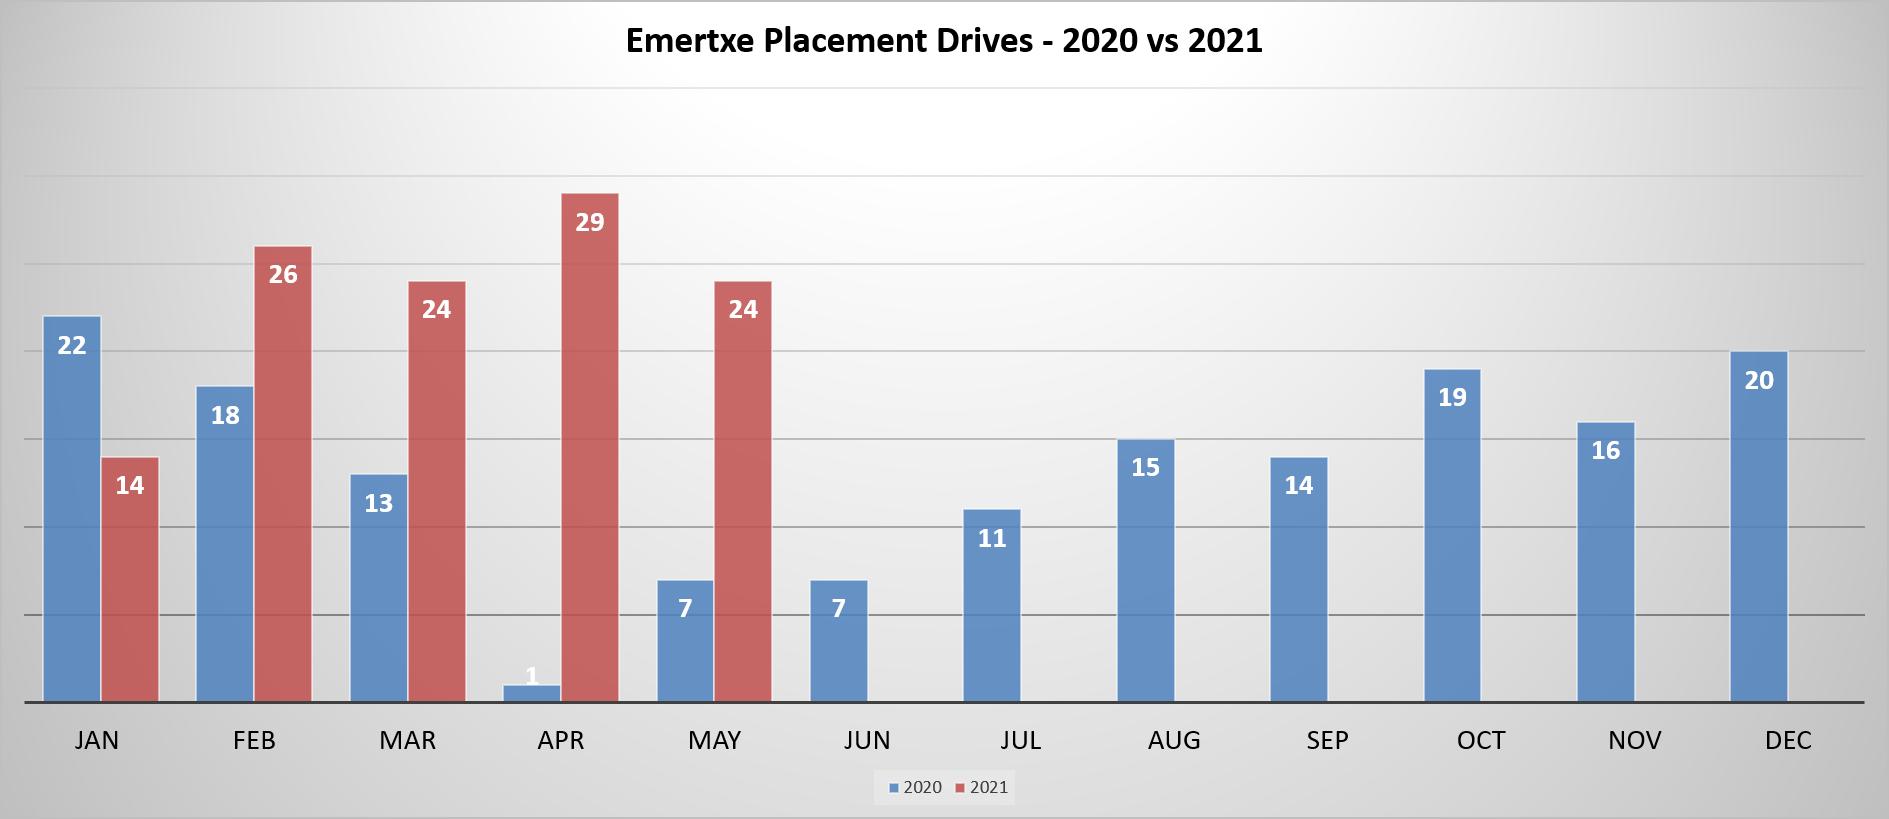 Emertxe Placement Trends